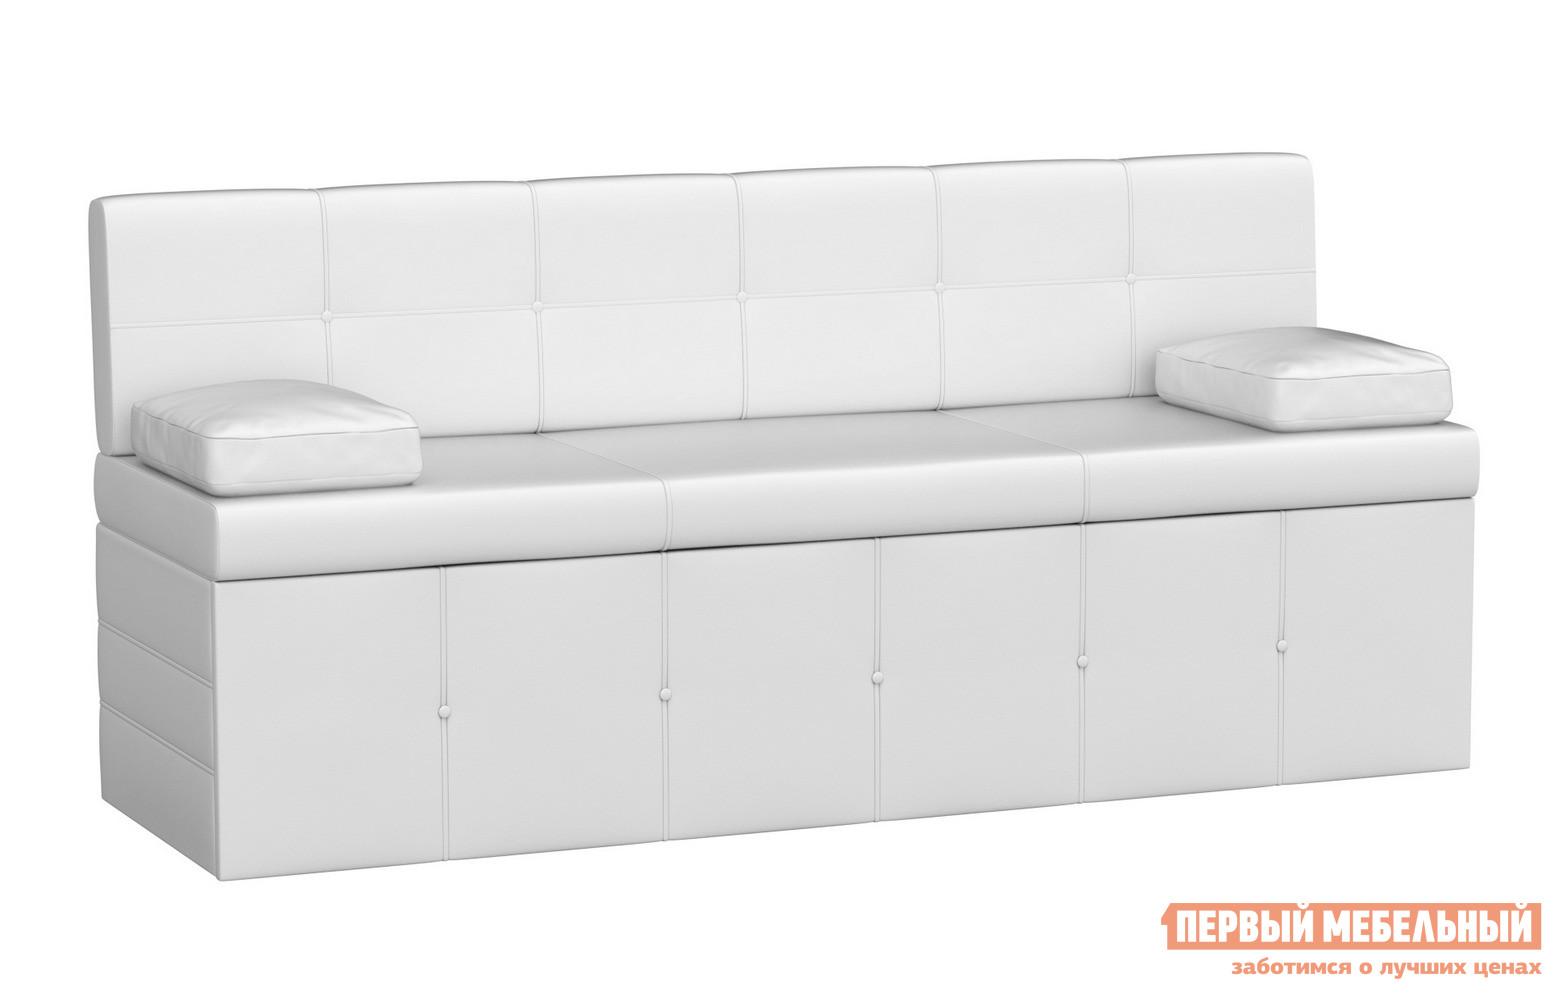 описание Кухонный диван Мебелико Кухонный диван Лео Экокожа белая